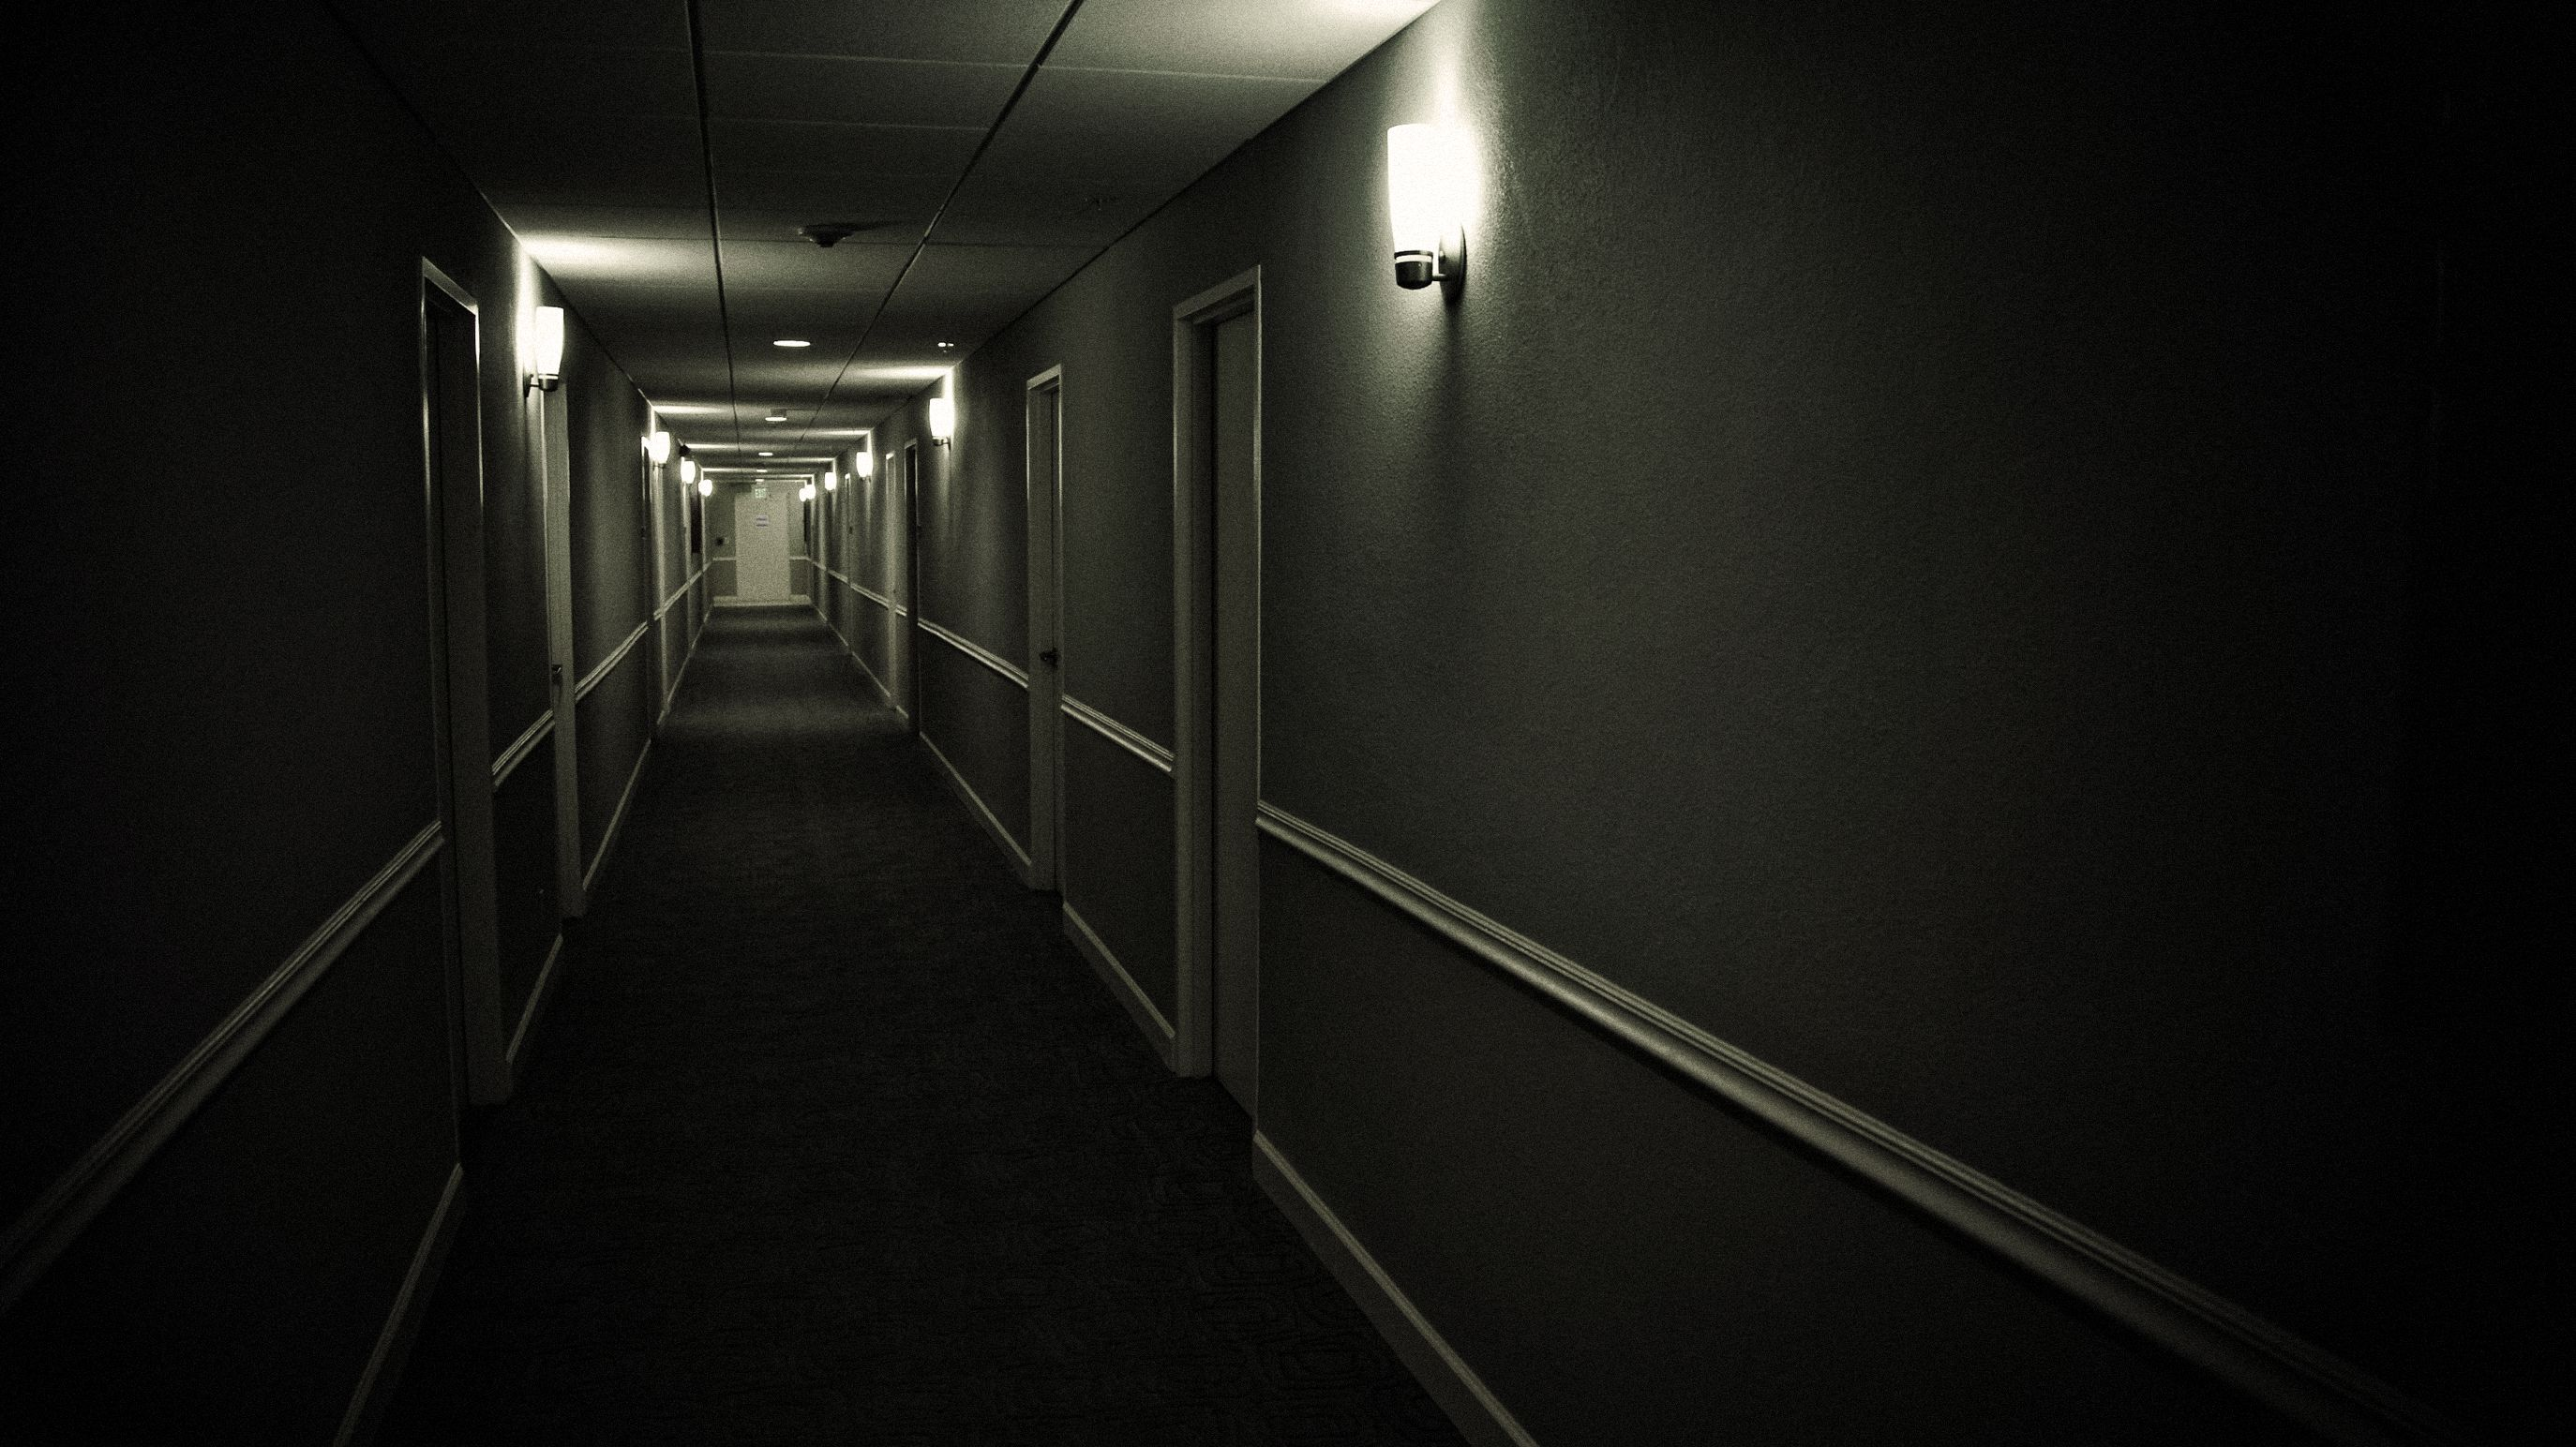 Texas Magnolia Hotel Paranormal Hotspot Open